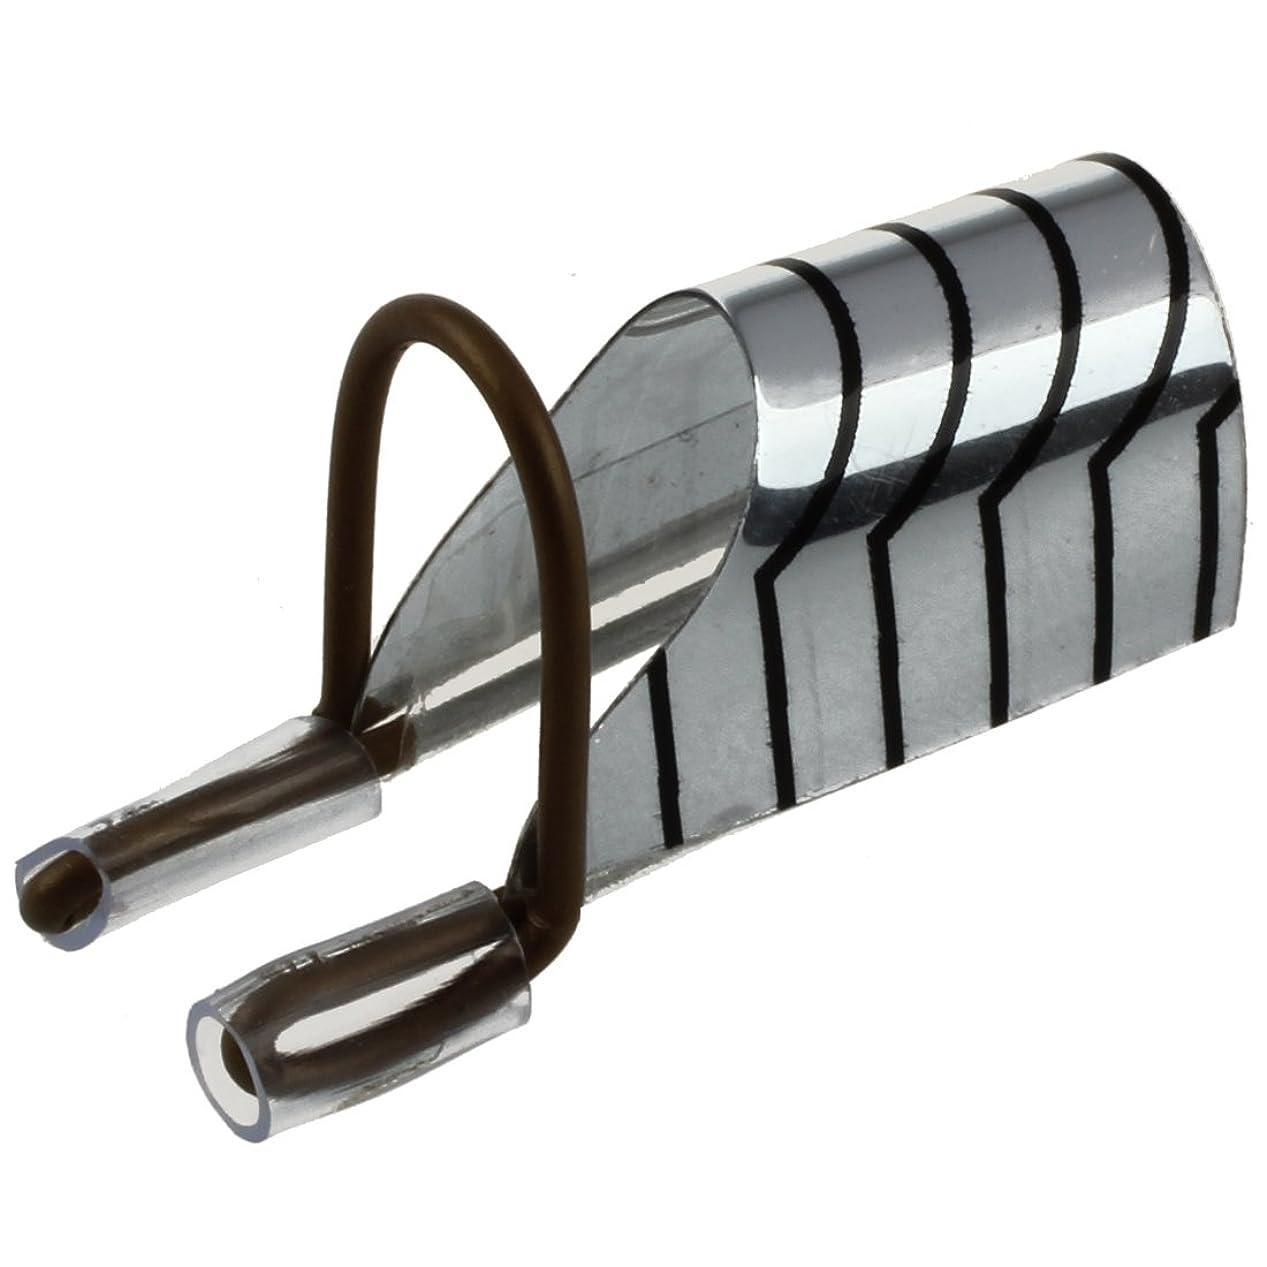 損傷ビスケット癒すGaoominy Gaoominy(R) 5個再利用可能なネイルアートフォームのUVジェルフレンチアクリルヒントプロテクターツール銀箔W/ ボックス